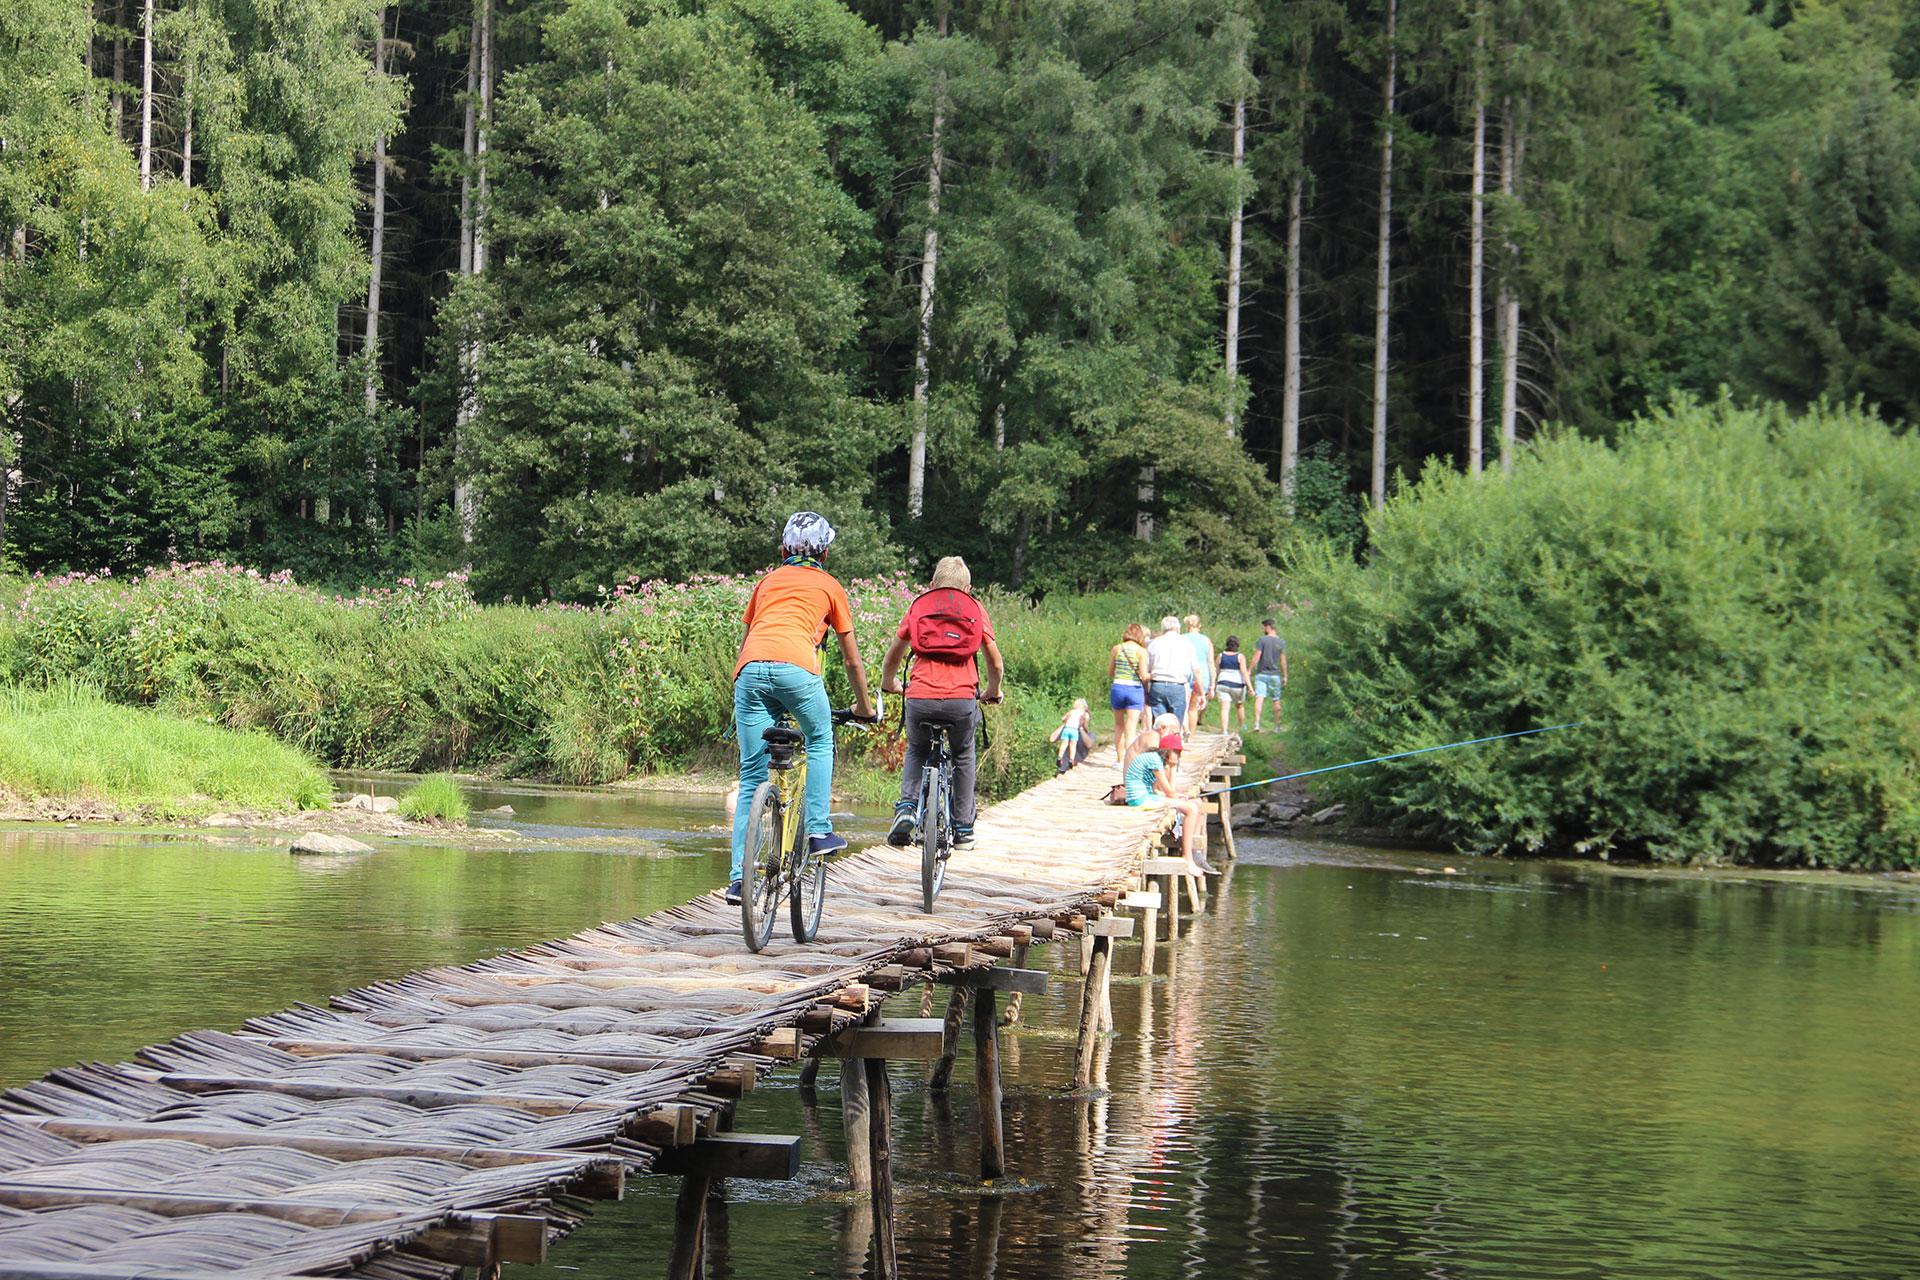 Parc naturel de l'Ardenne méridionale - Laforêt - pont de claies